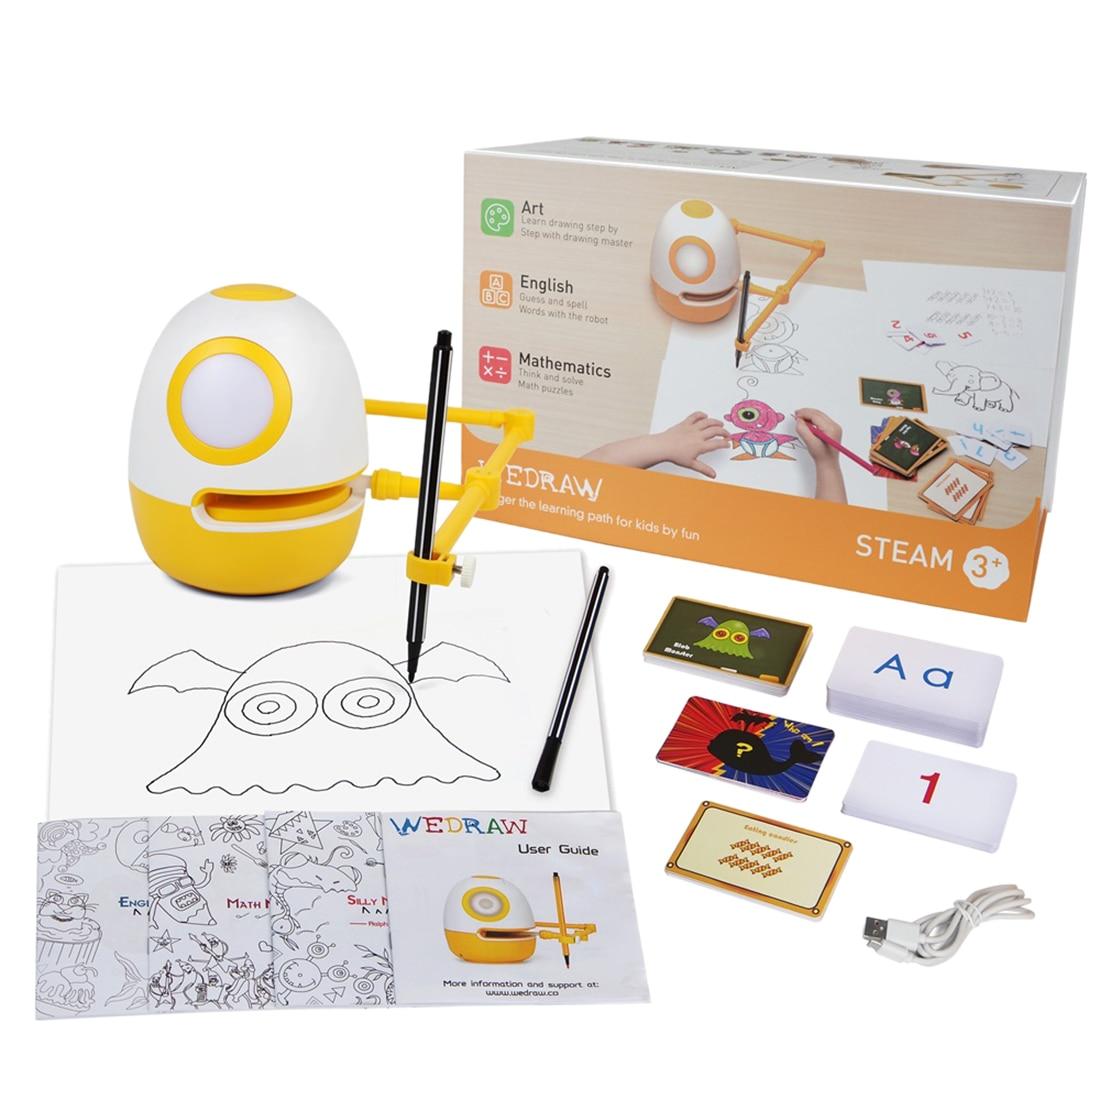 Wedraw Eggy детский набор для рисования робот гений Обучающие Развивающие